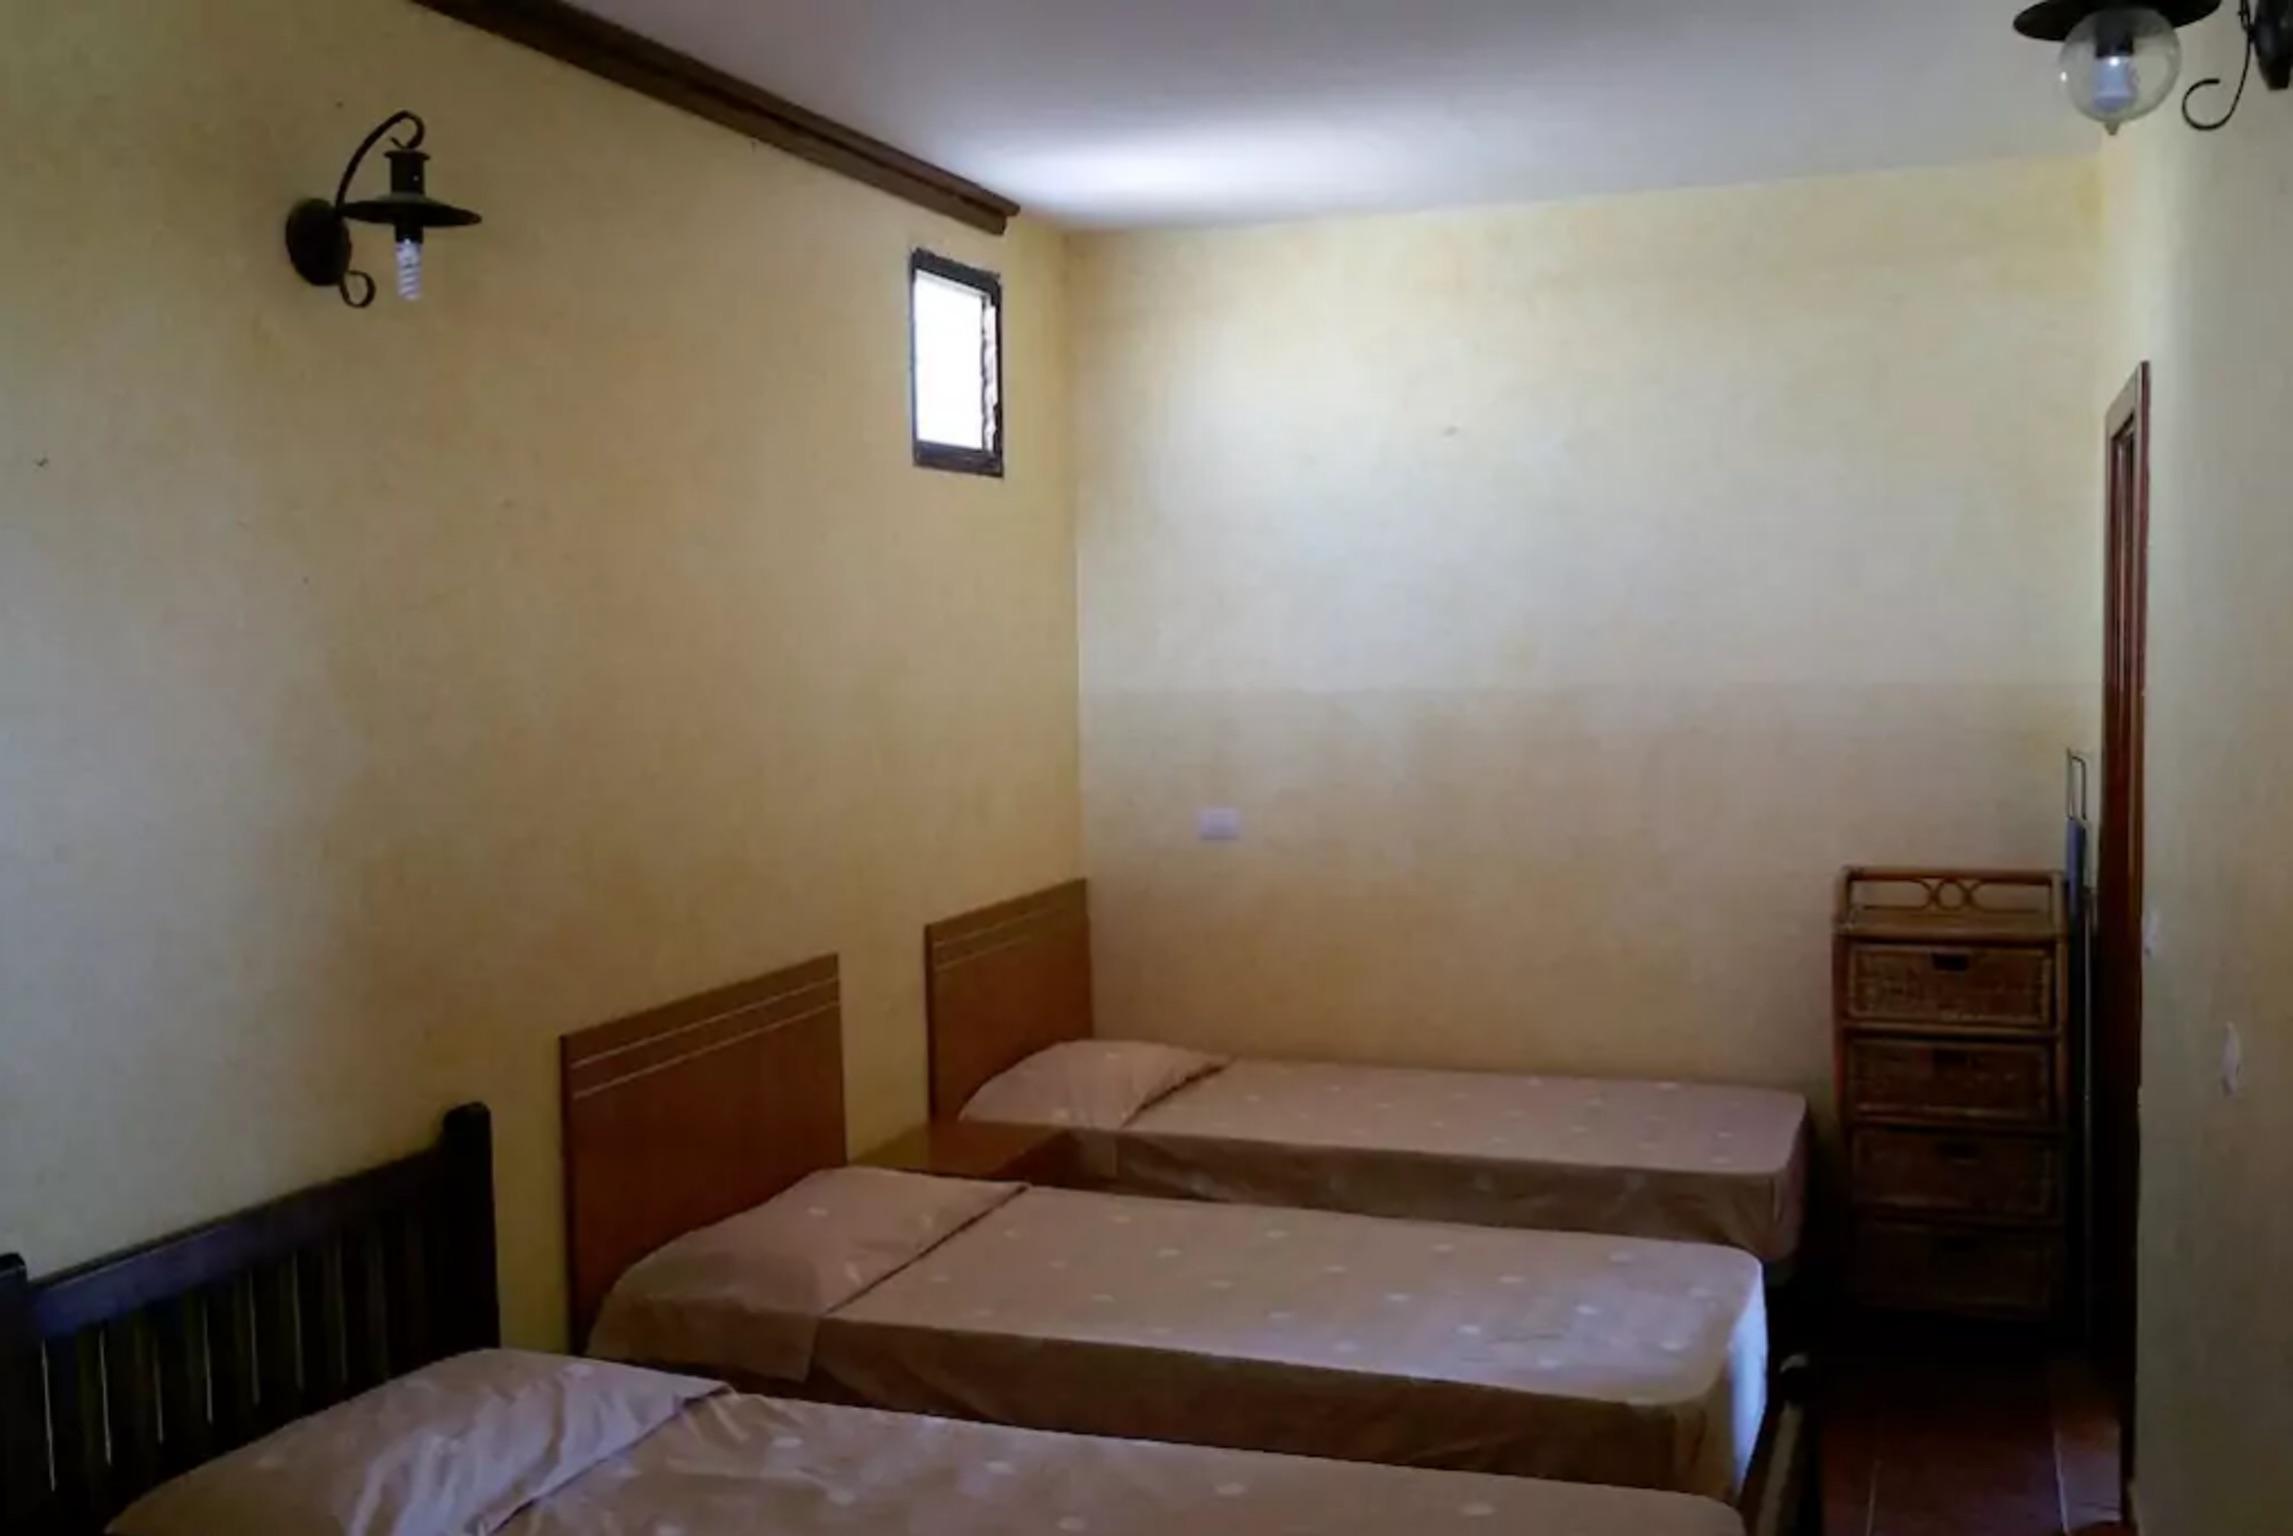 Holiday house Haus mit 5 Zimmern in Granadilla mit toller Aussicht auf die Berge, privatem Pool, eingezä (2202646), San Isidro, Tenerife, Canary Islands, Spain, picture 16